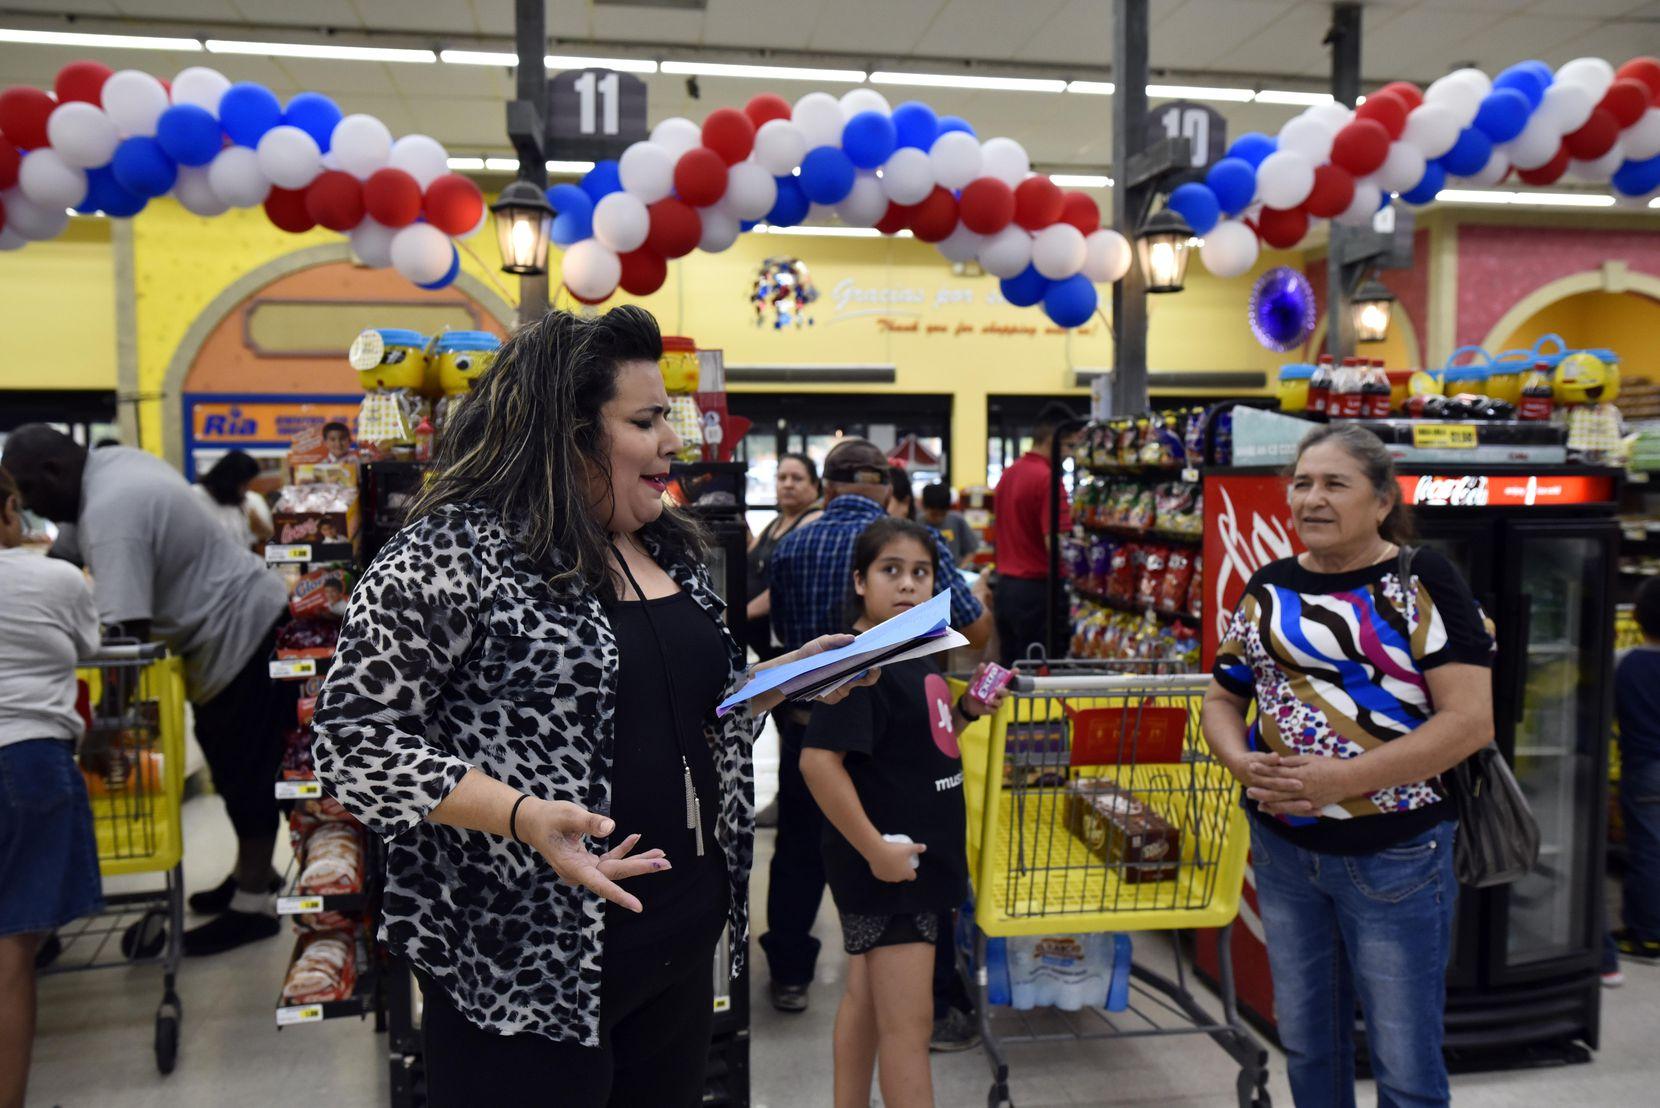 Priscilla Rice lee sus poemas a las familias que hacen fila para sus compras en El Rancho, en Pleasant Grove. BEN TORRES/AL DÍA